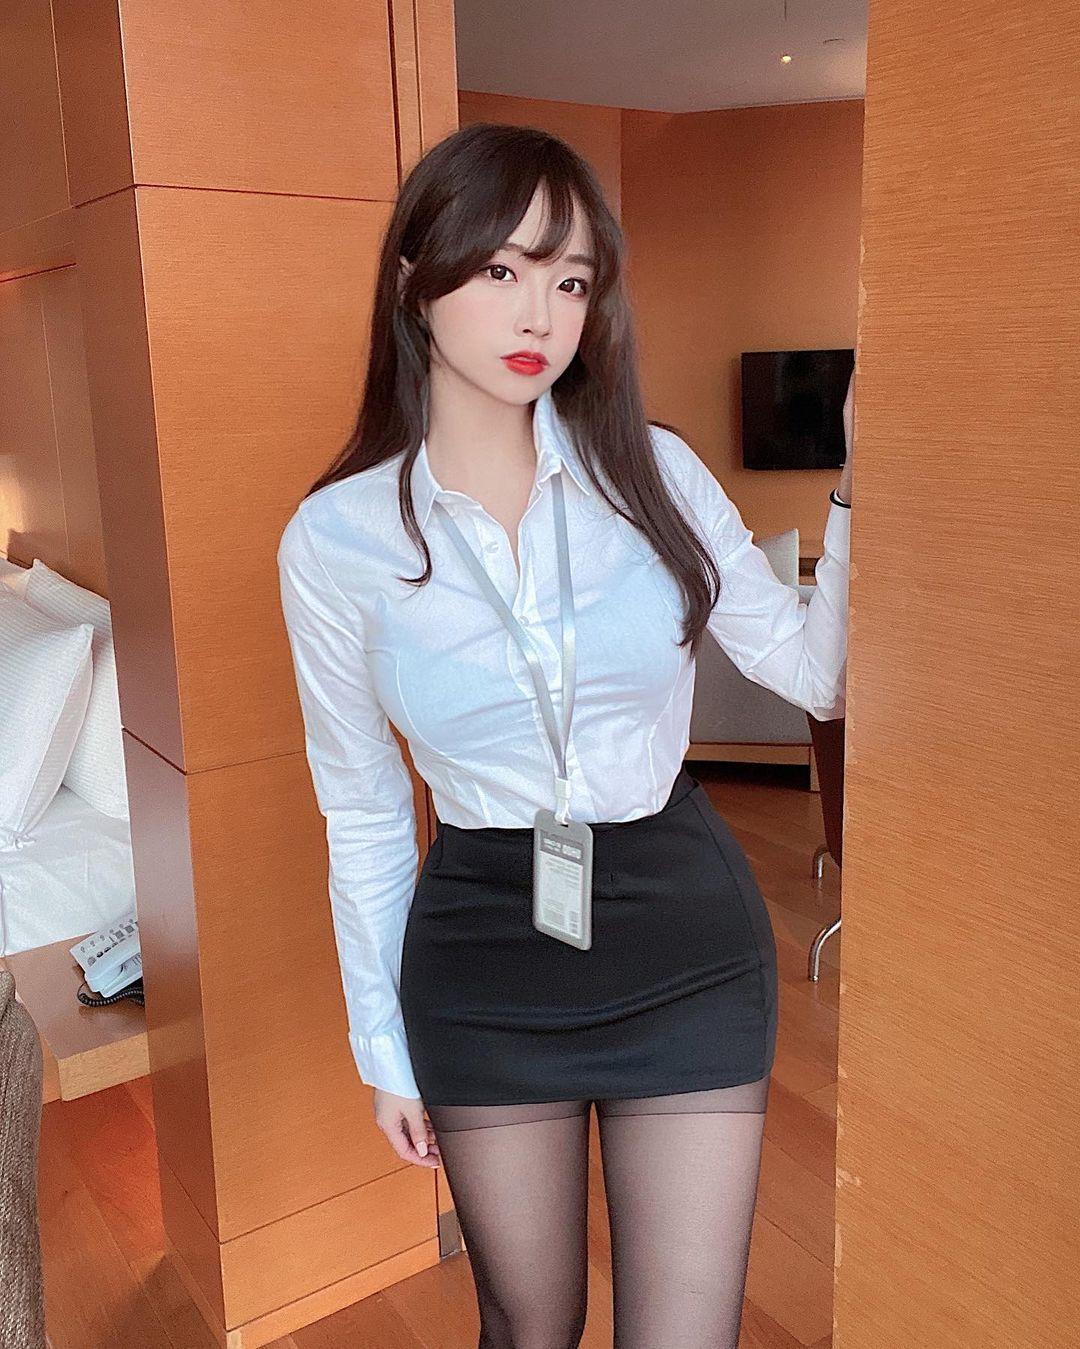 韩国美女主播김아영秘书套装黑丝包裹大腿超性感 美图 热图2